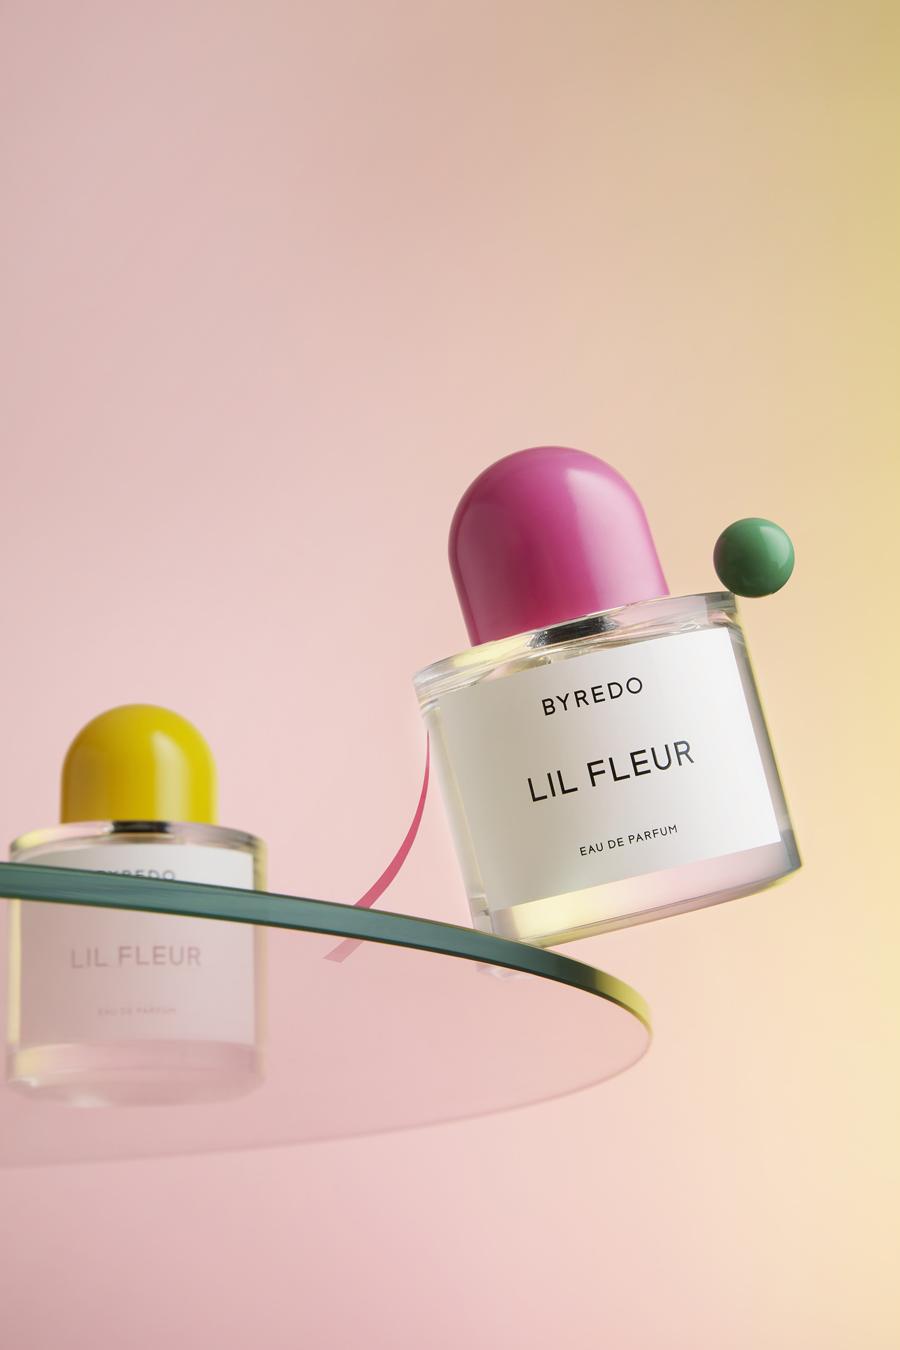 lil flour by byredo